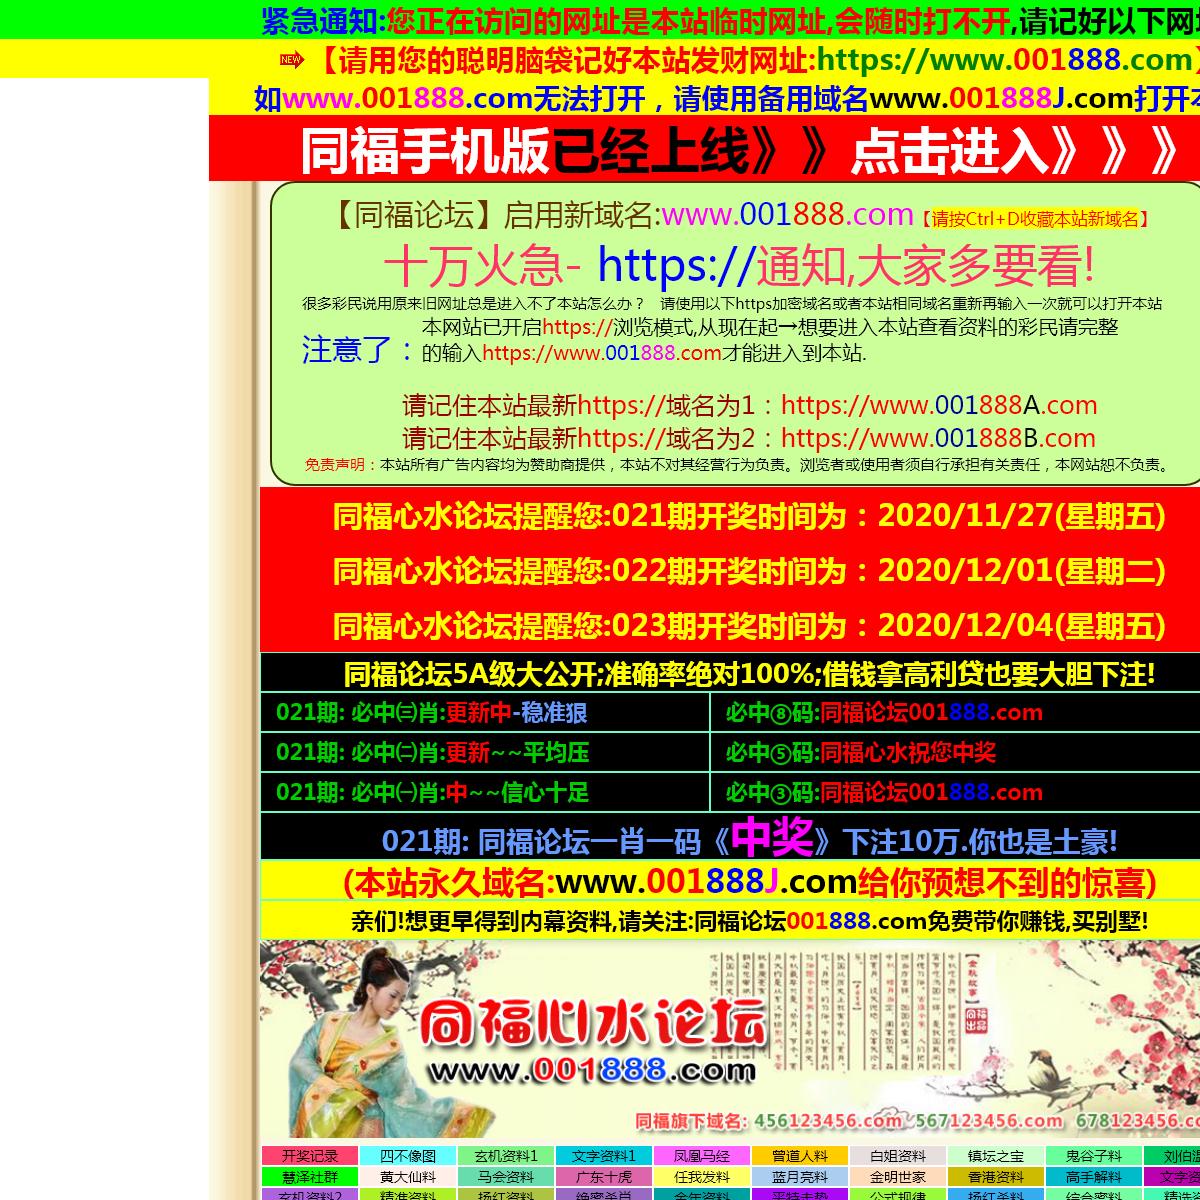 香港88tk图库,118k开奖结果手机版,香港100历史图库大全,4749铁算盆心水,2020年马经历史图库